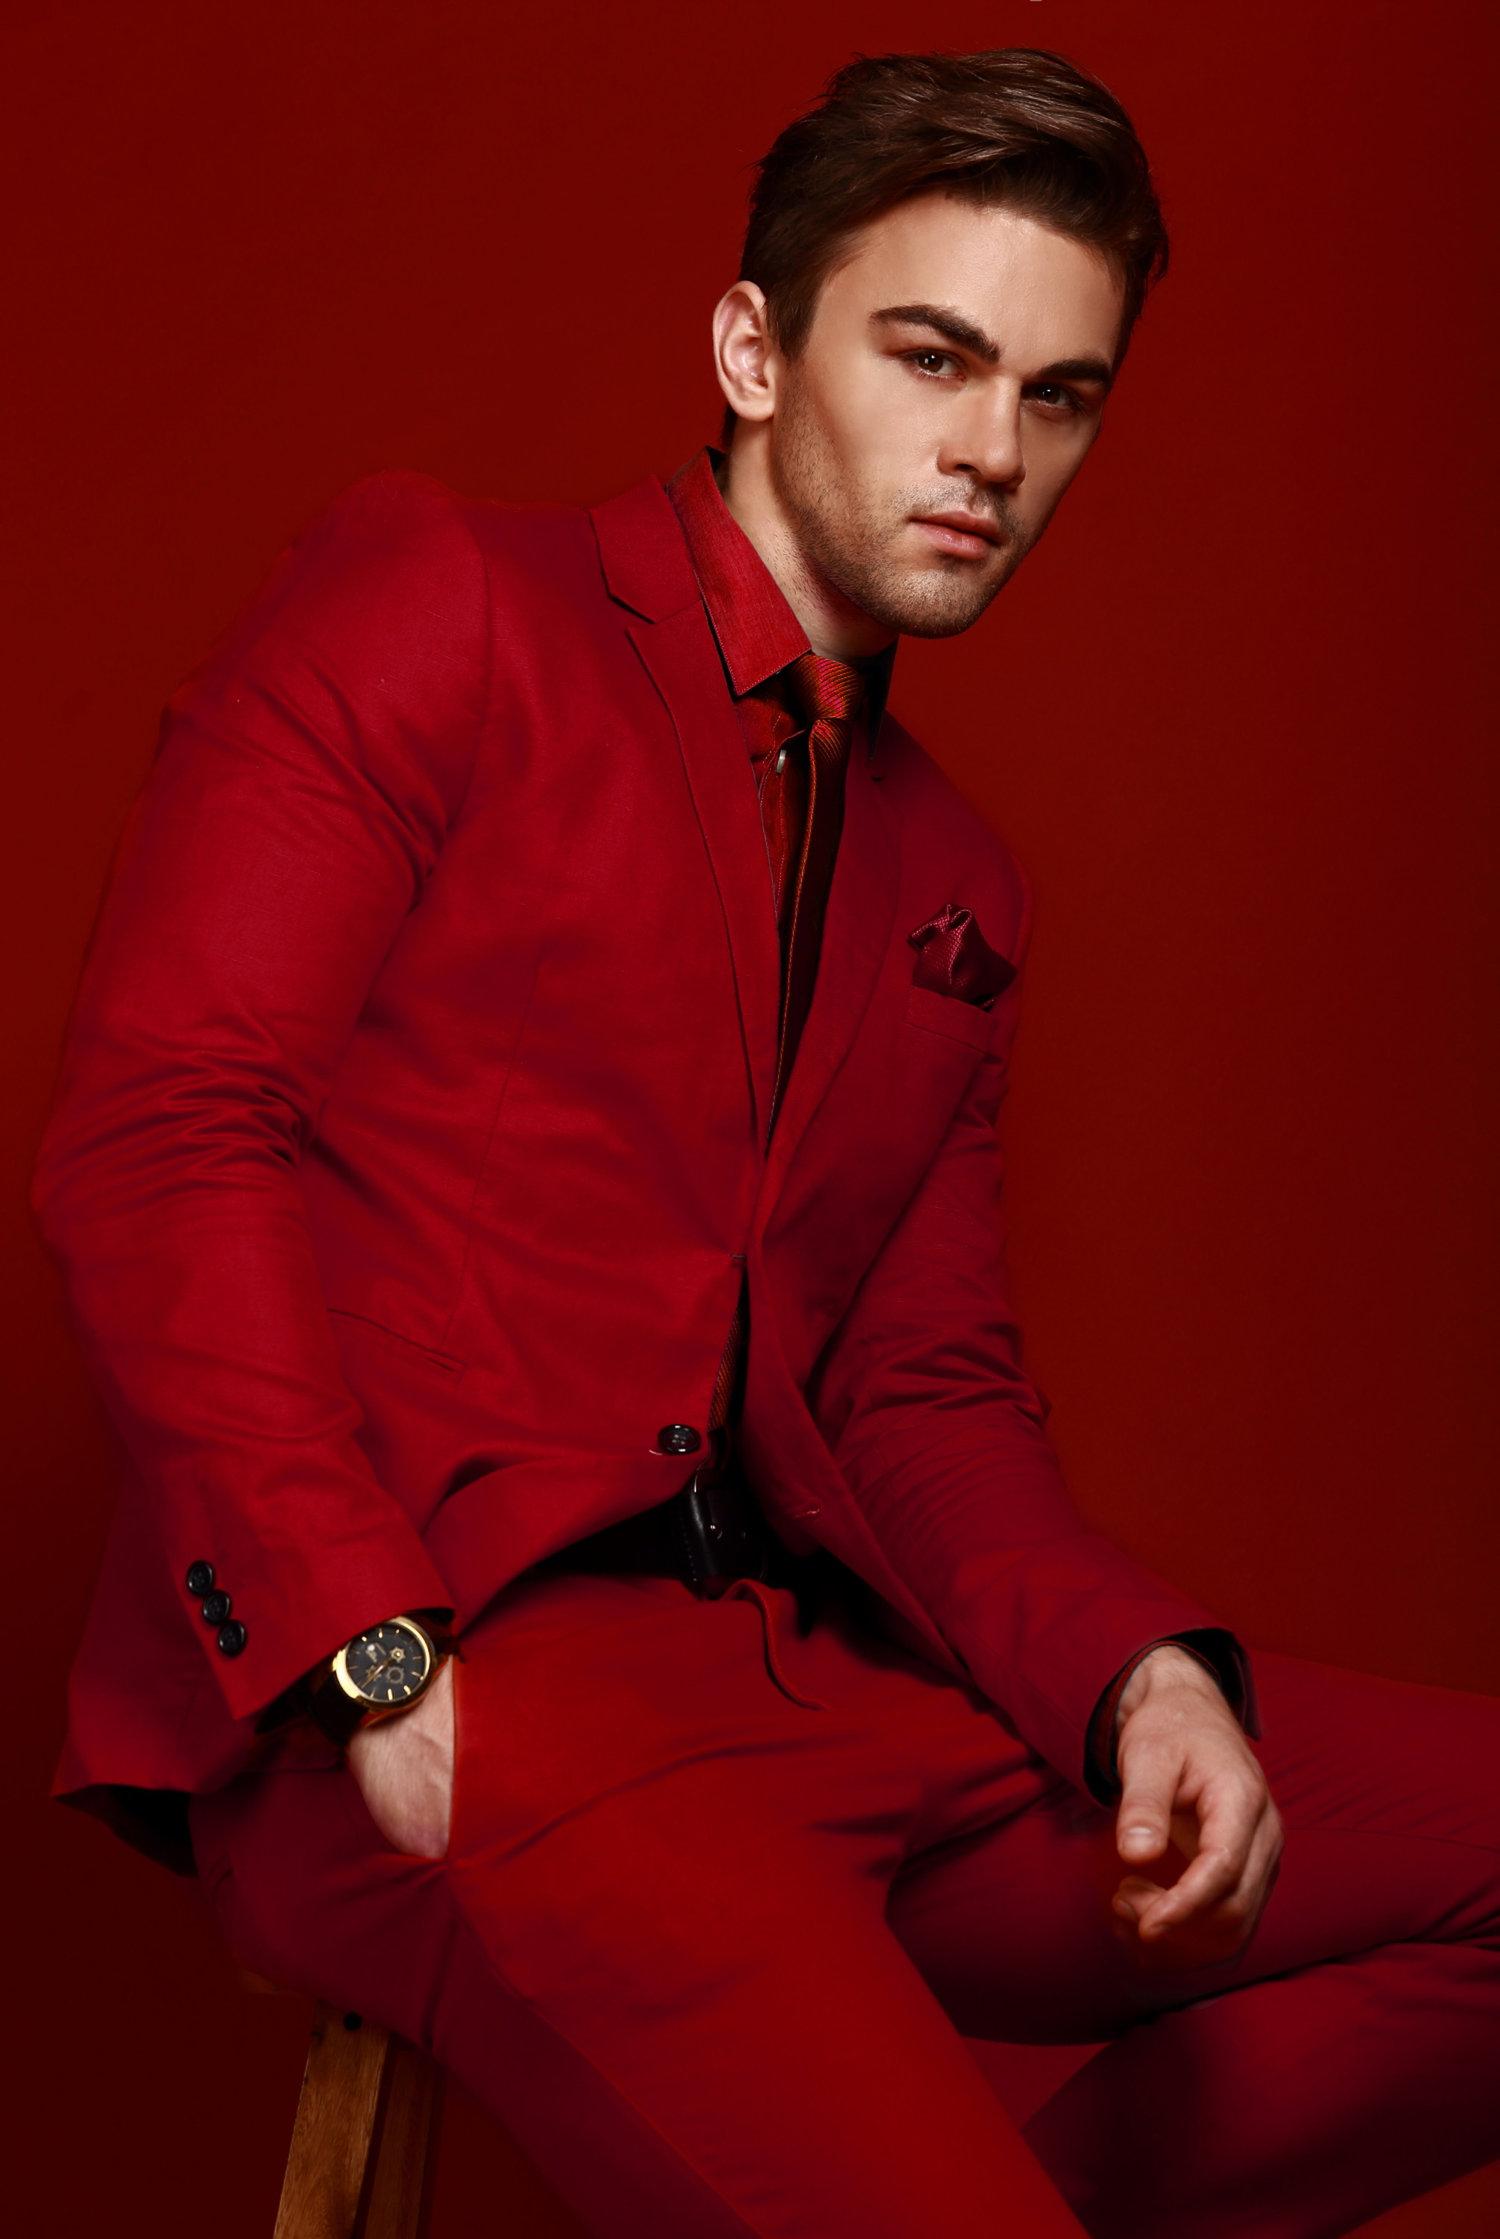 Adon Exclusive: Model Tim Yaremchuk By Pedjia & Denis